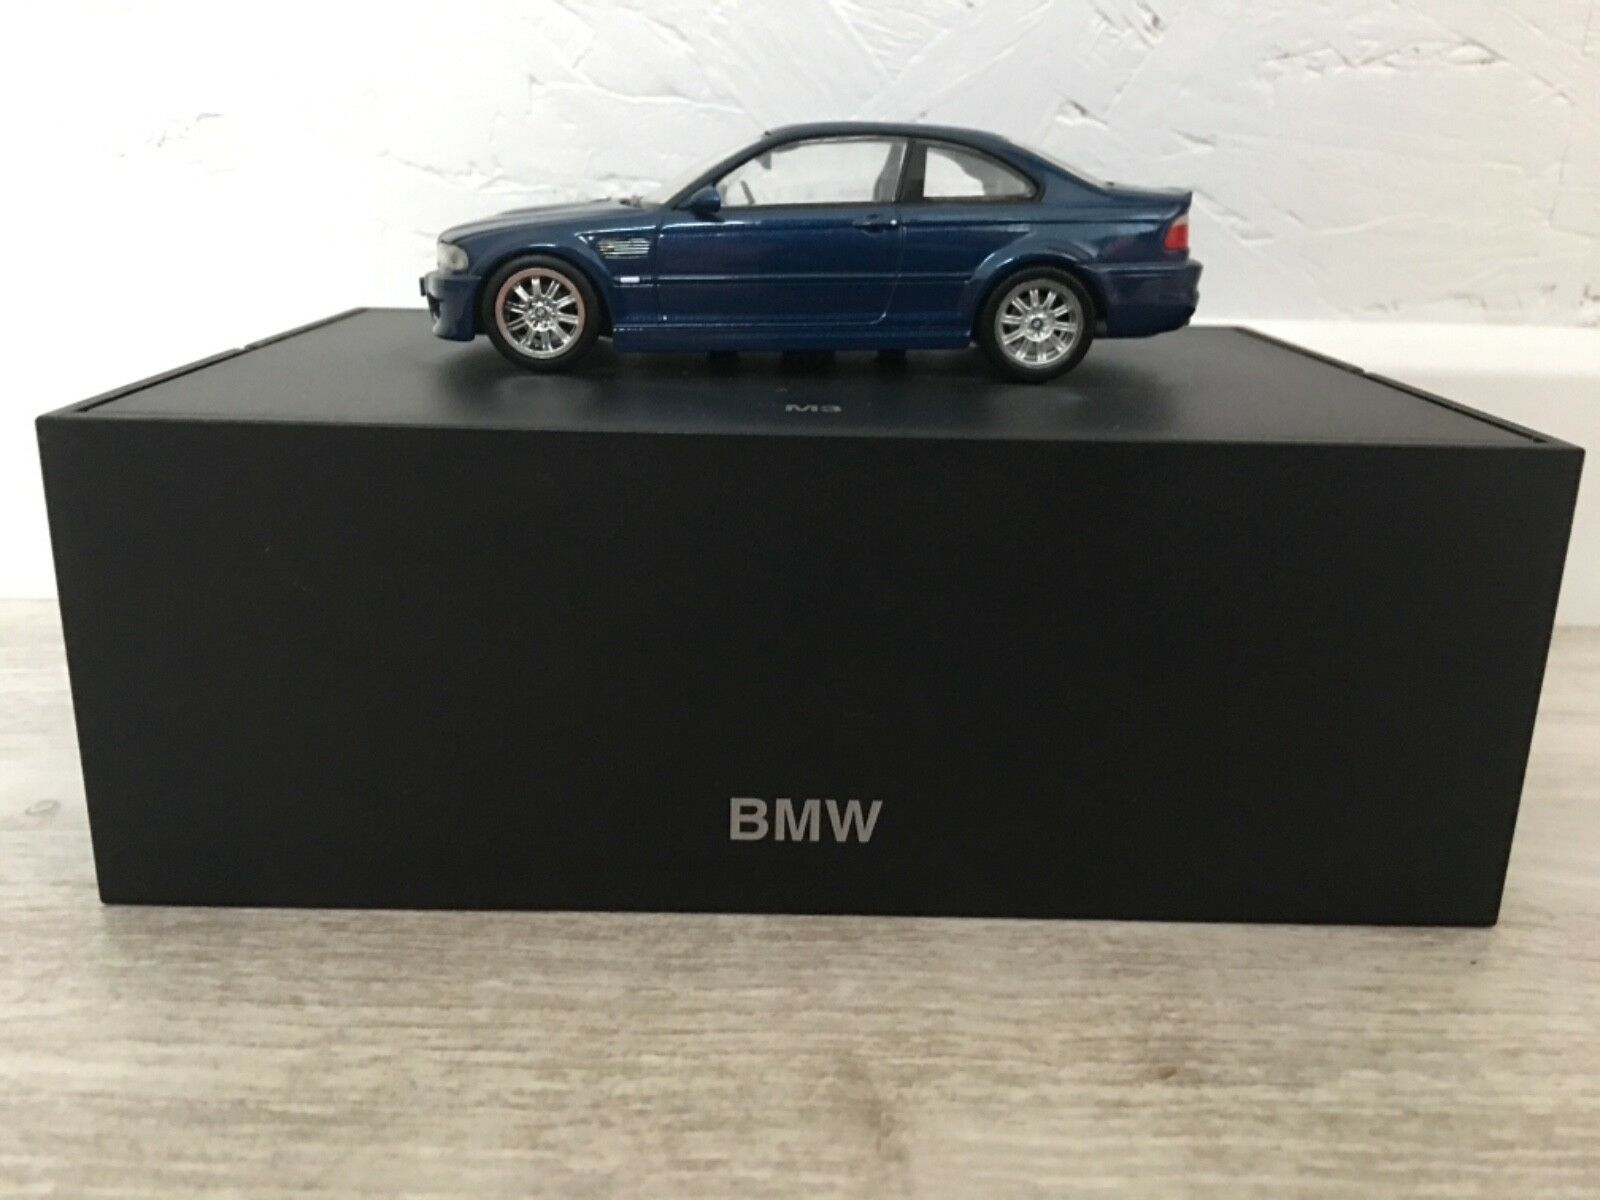 Bmw M3 coupe Blau miniature 1 43 - PROMO